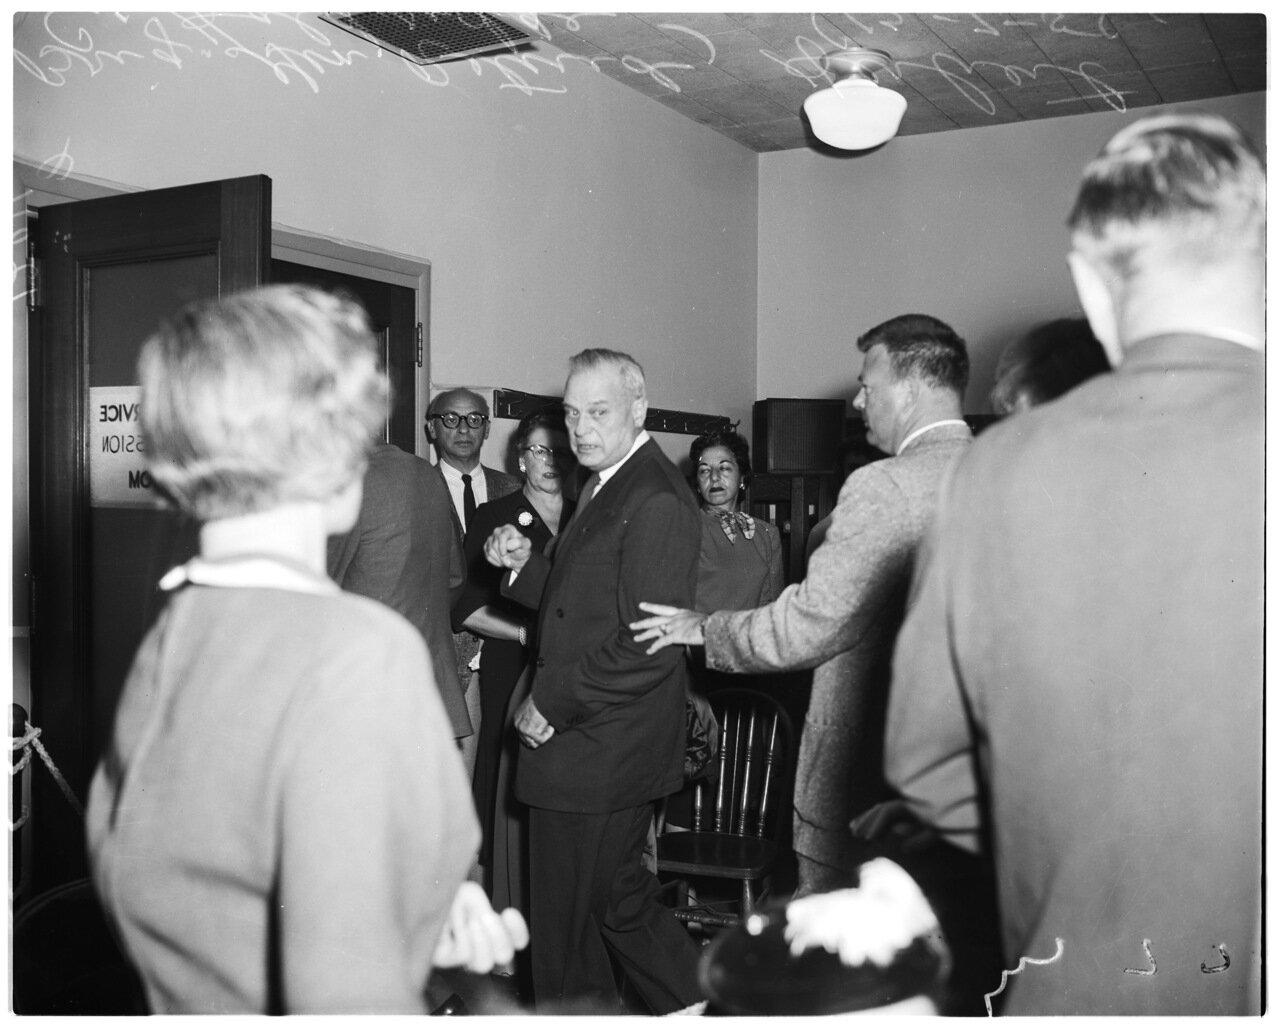 1956 года. 7 декабря. Комиссия по расследованию антиамериканской деятельности. Адвоката Дж.Мэйнард Омерберга изгоняют из зала заседаний.